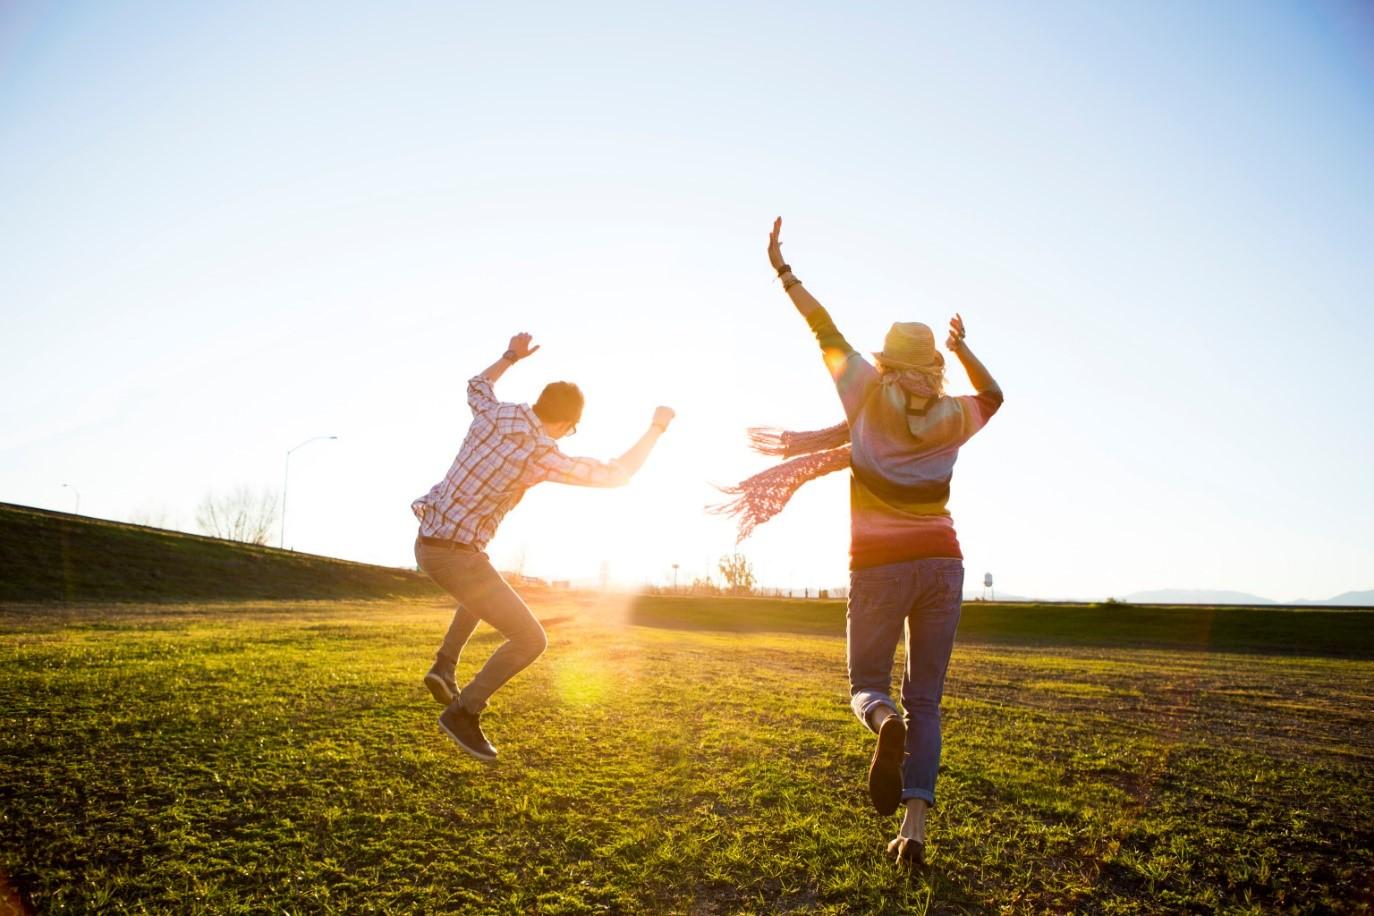 Reducir el riesgo de cáncer llevando un estilo de vida saludable